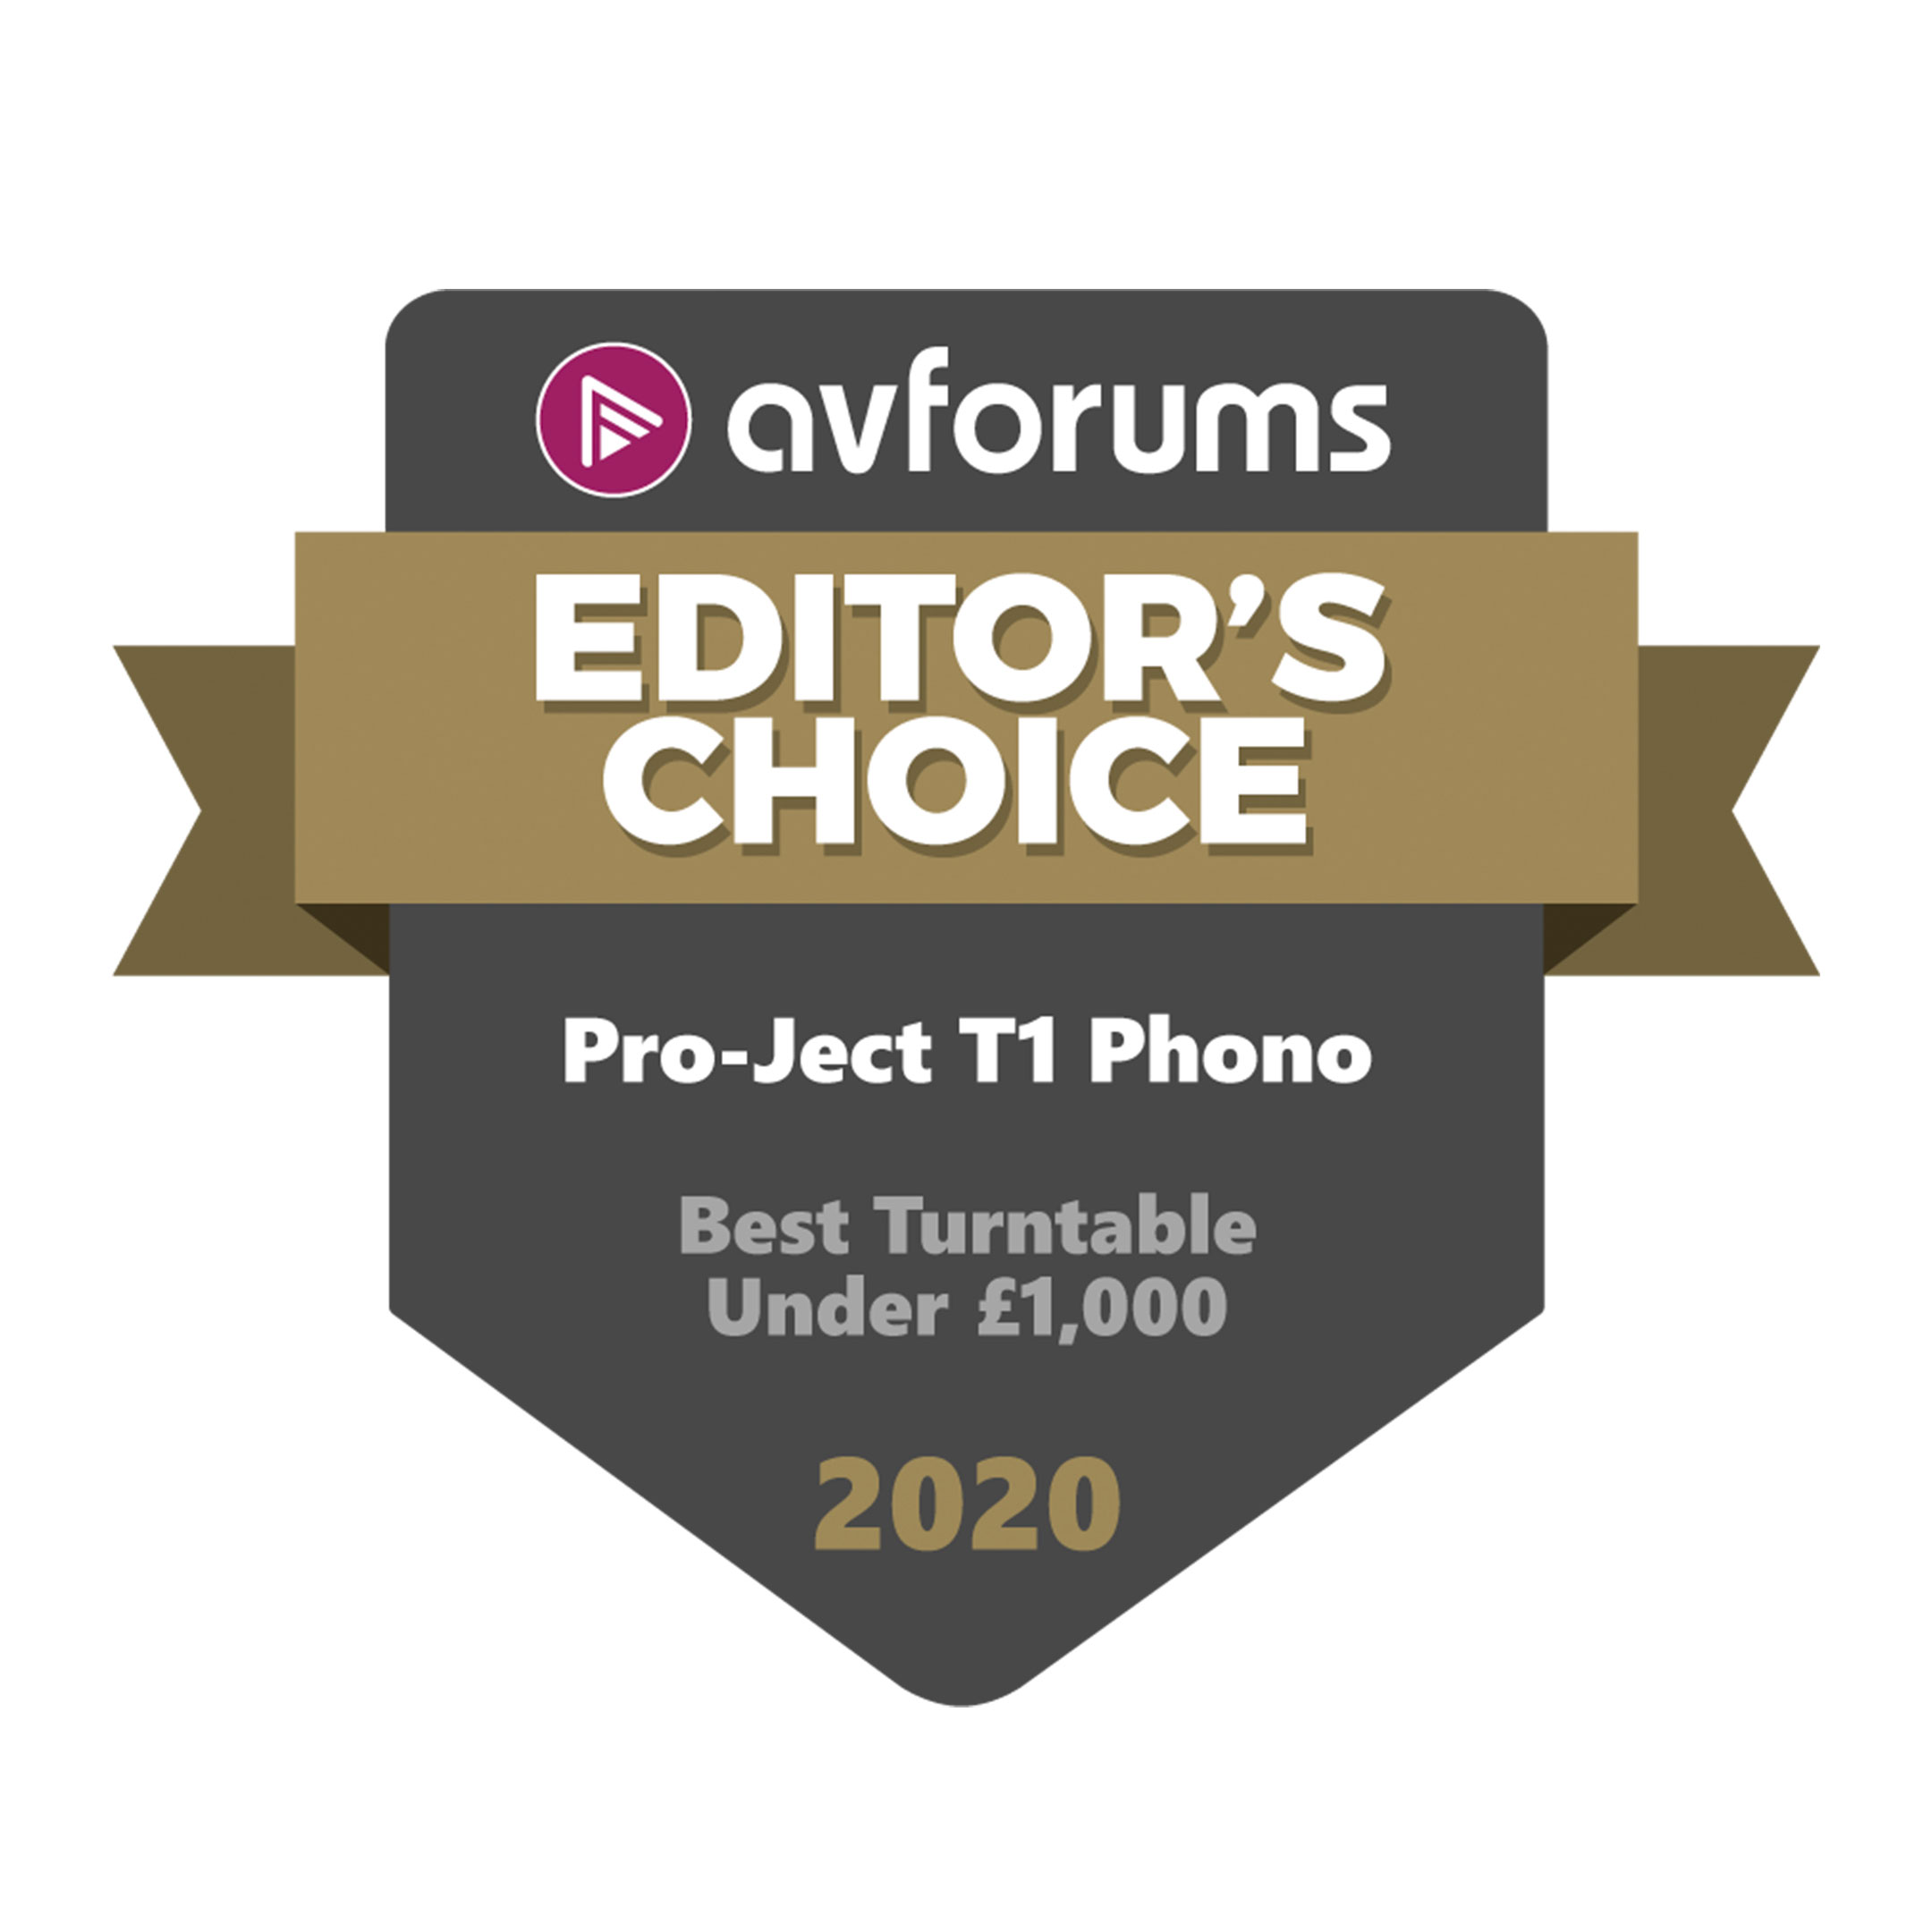 Pro-Ject T1 Phono SB, Editors Choice Award, AV Forums 2020